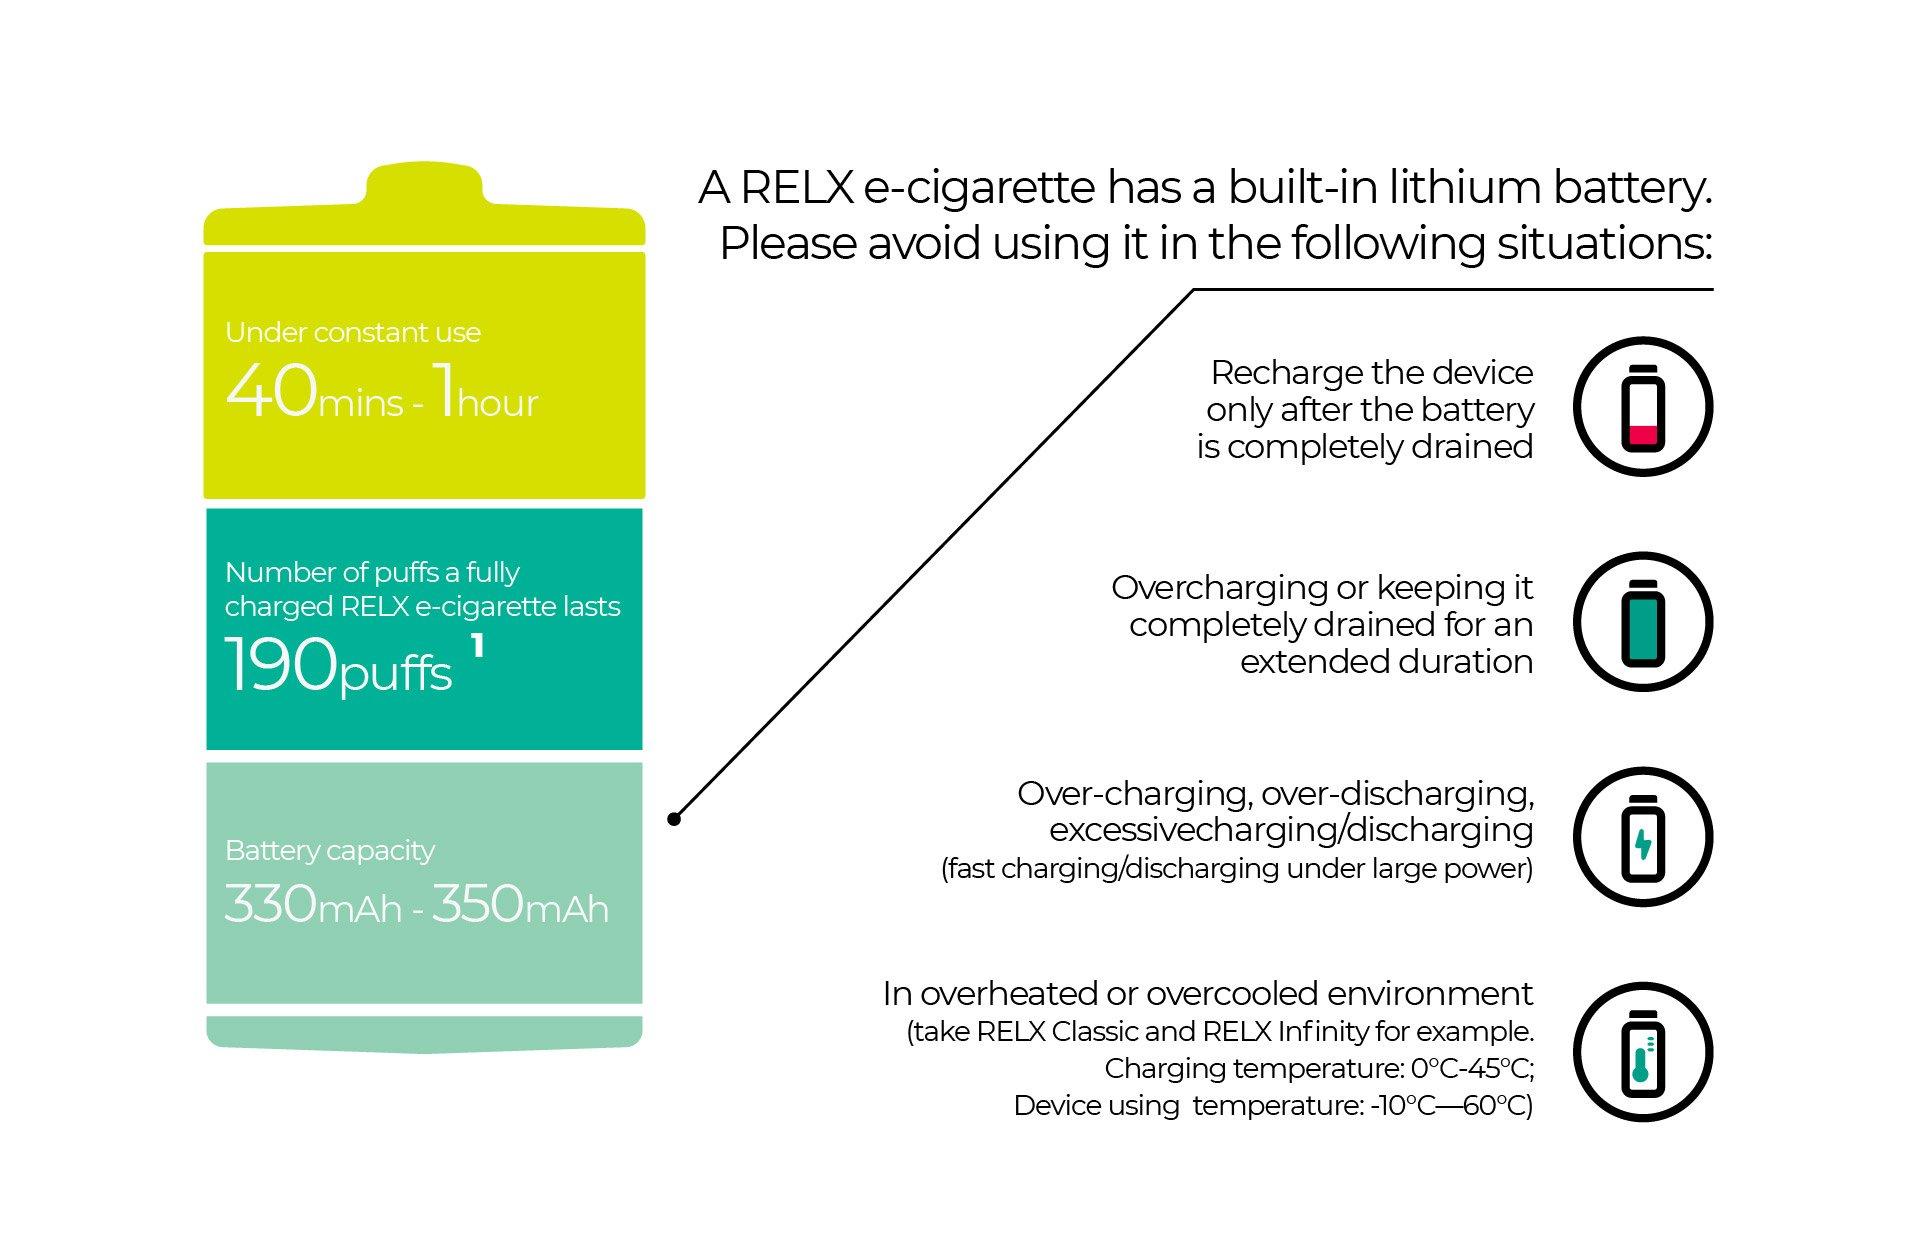 relx悦刻充一次电要多久?能持续用多长时间?